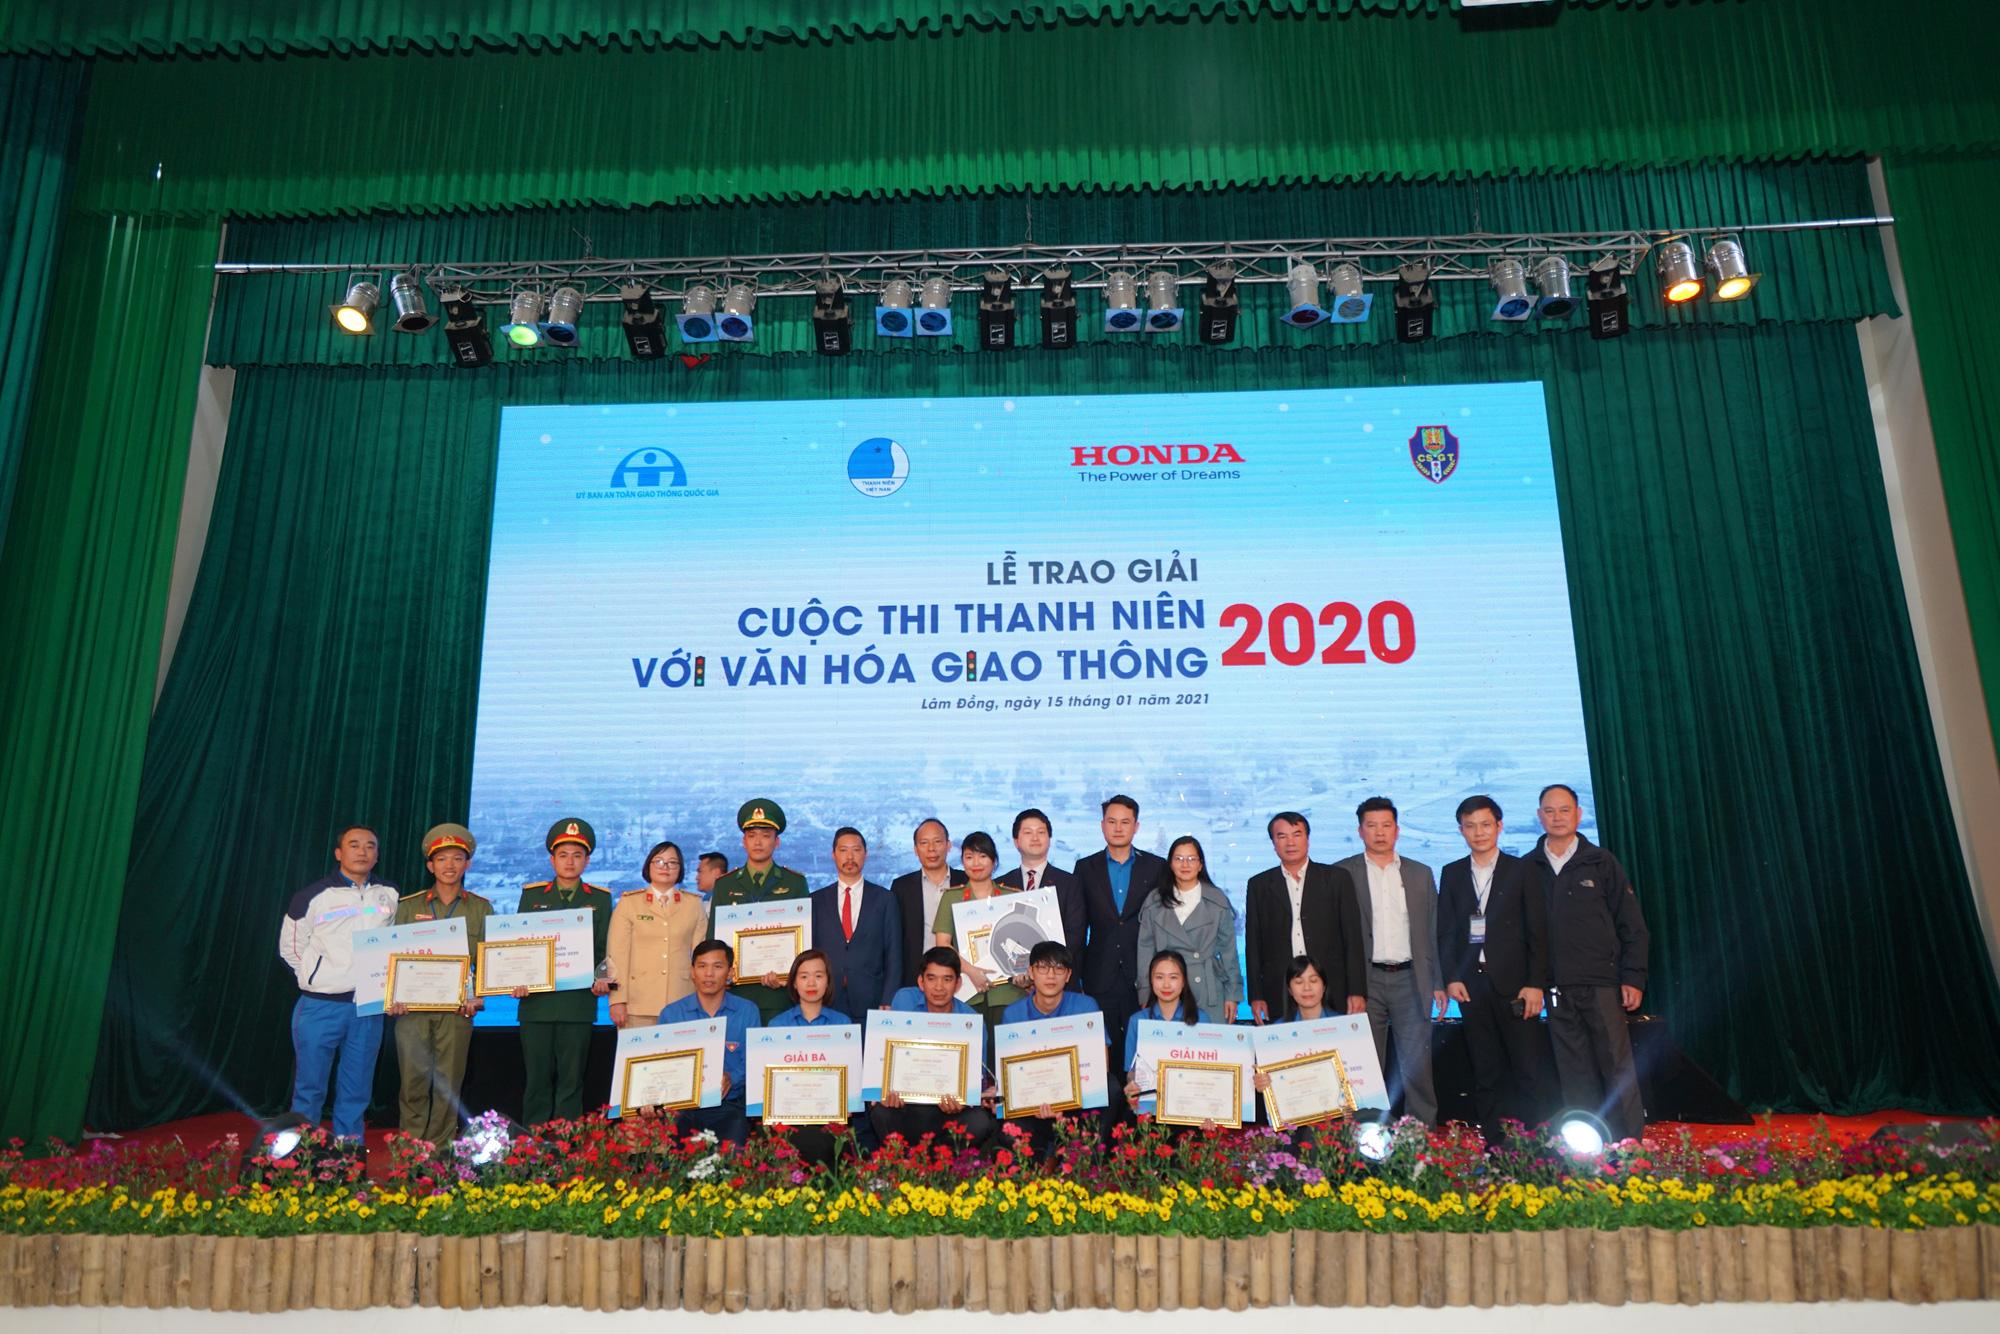 """Sôi nổi Vòng chung kết và Lễ trao giải cuộc thi """"Thanh niên với Văn hóa giao thông"""" năm 2020 - Ảnh 1."""